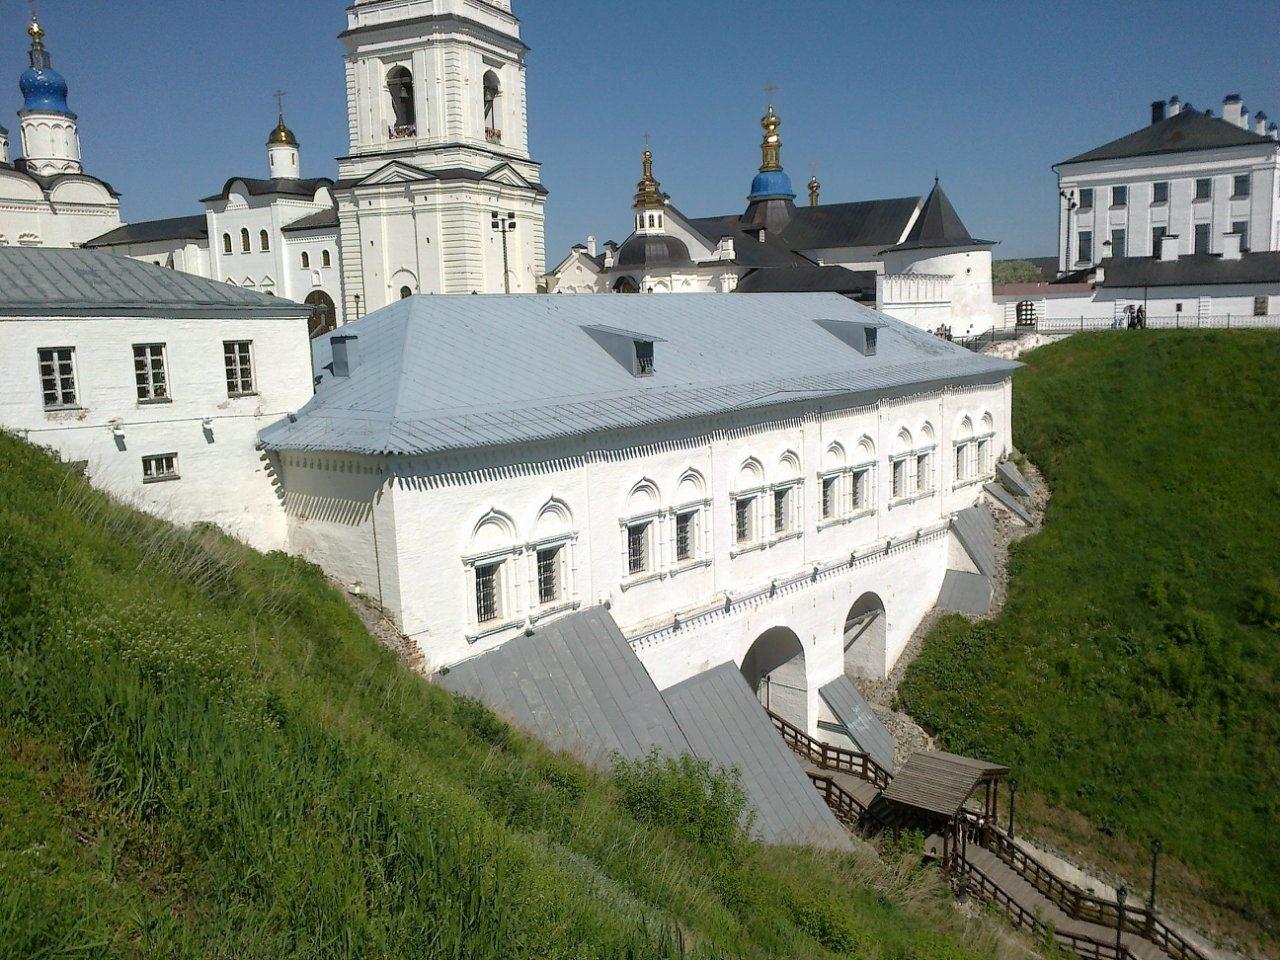 Рентерея (Шведская палата), Тобольский кремль, Тобольск, Тюменская область